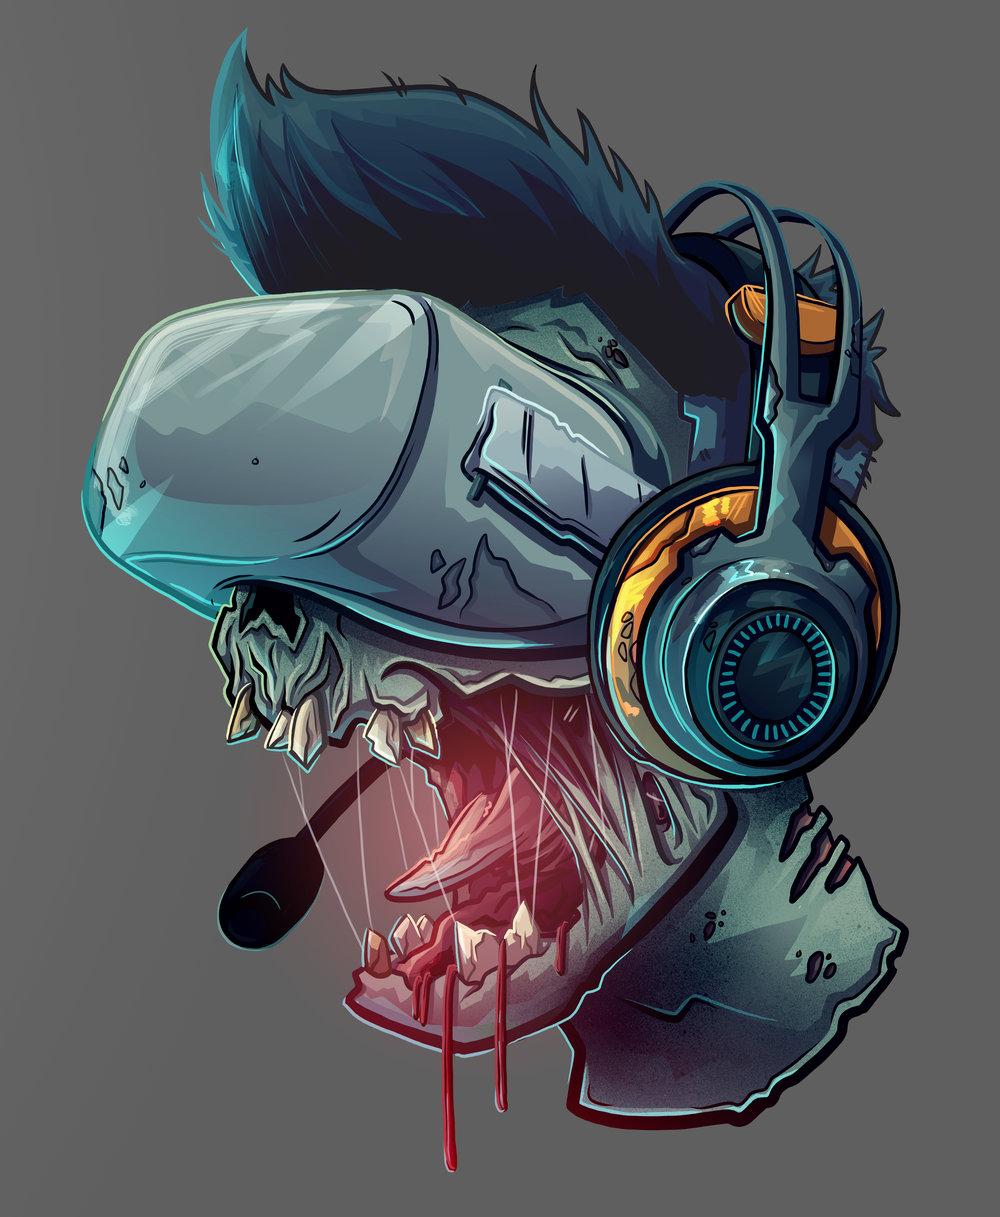 zombie_mouse_pad_client_version.jpg